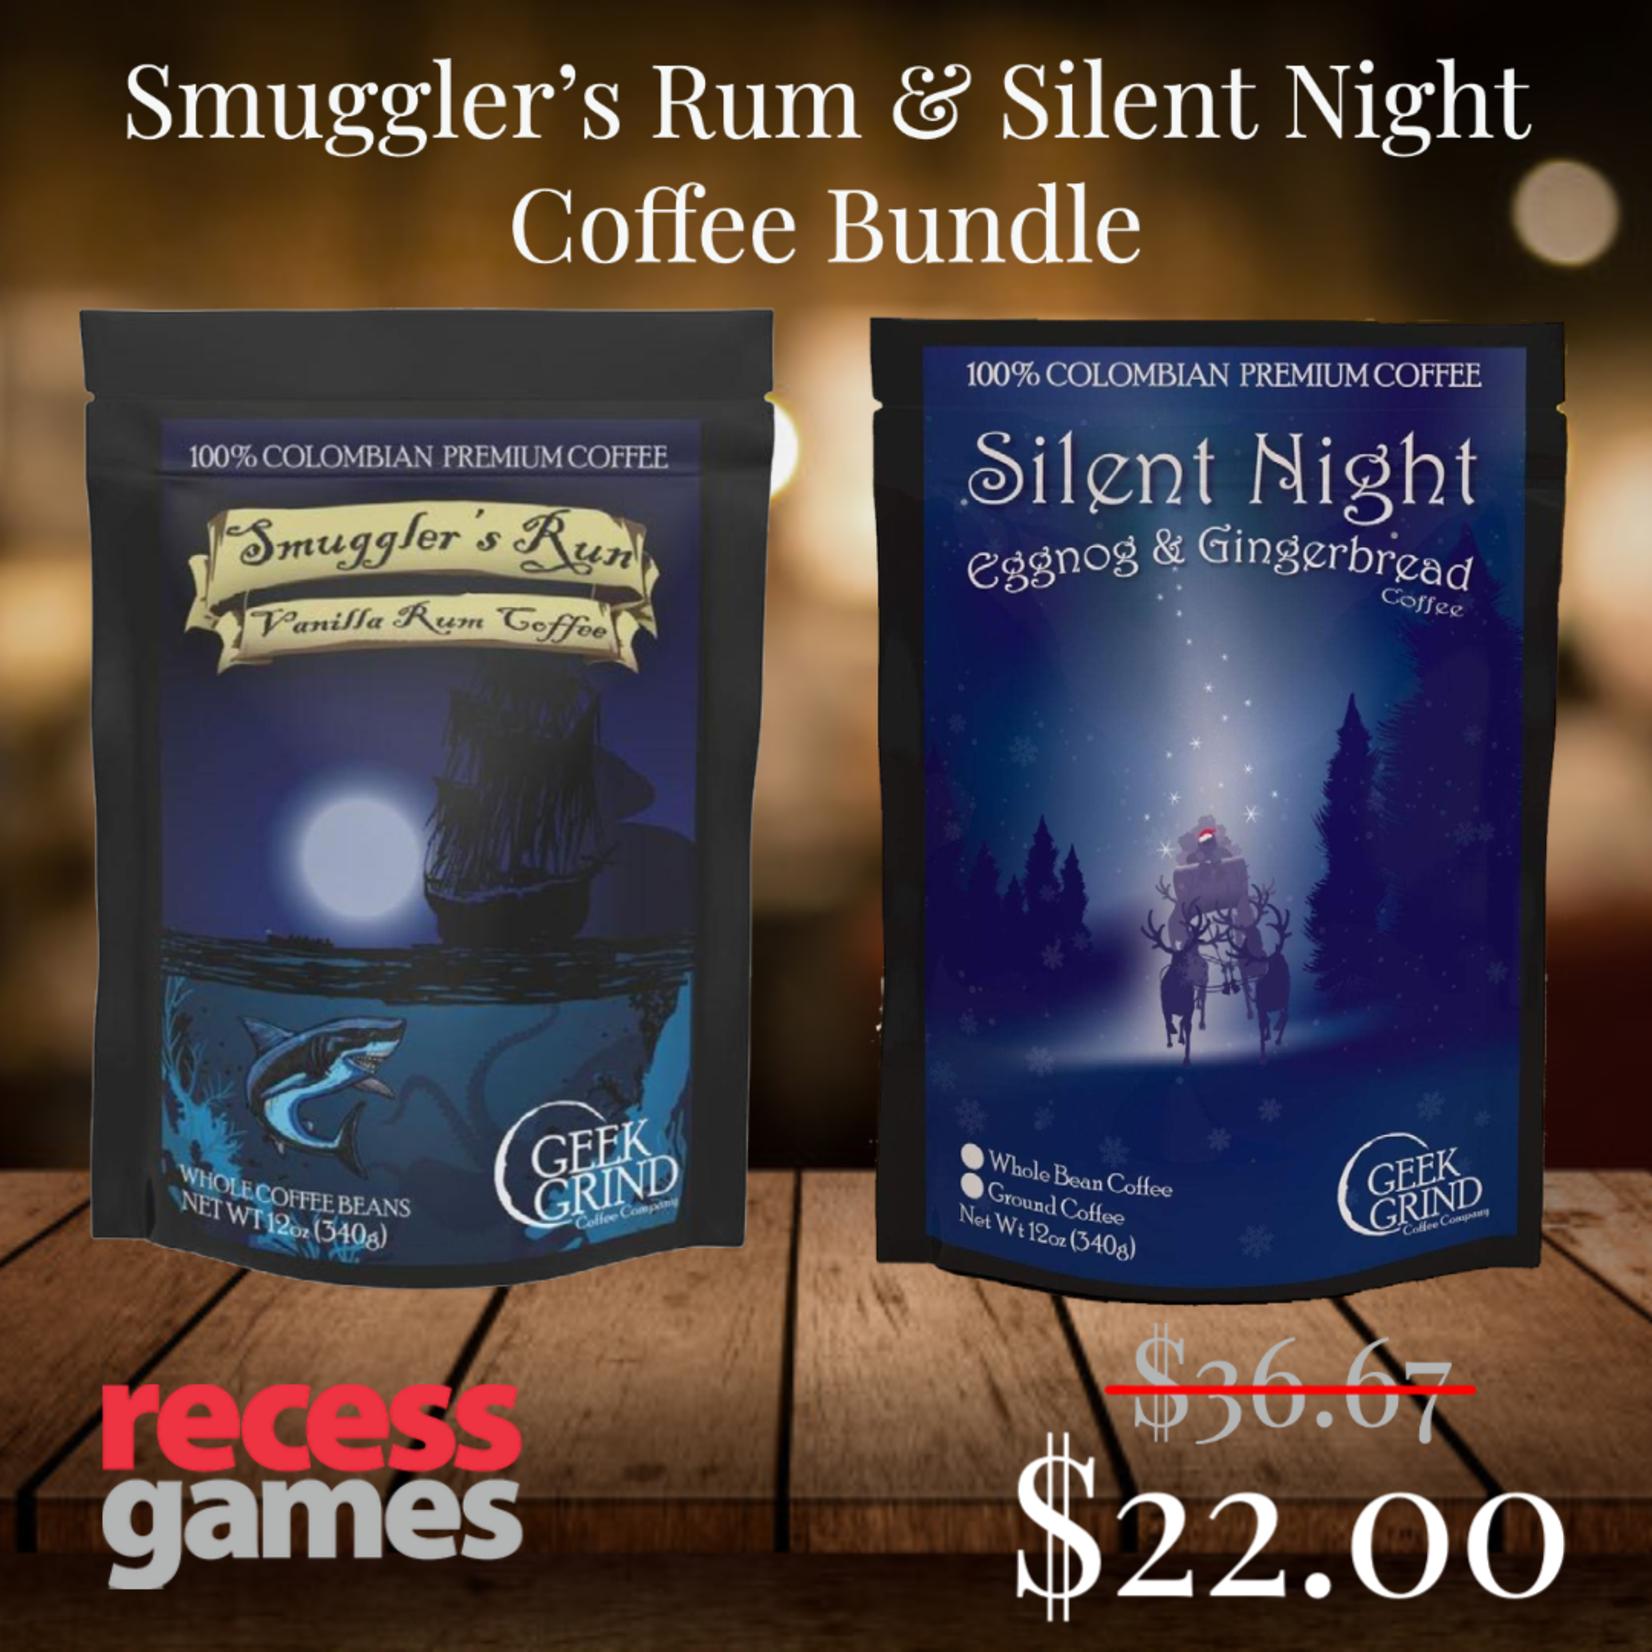 Geek Grind Bundle Deal Smuggler's Rum & Silent Night flavored coffee